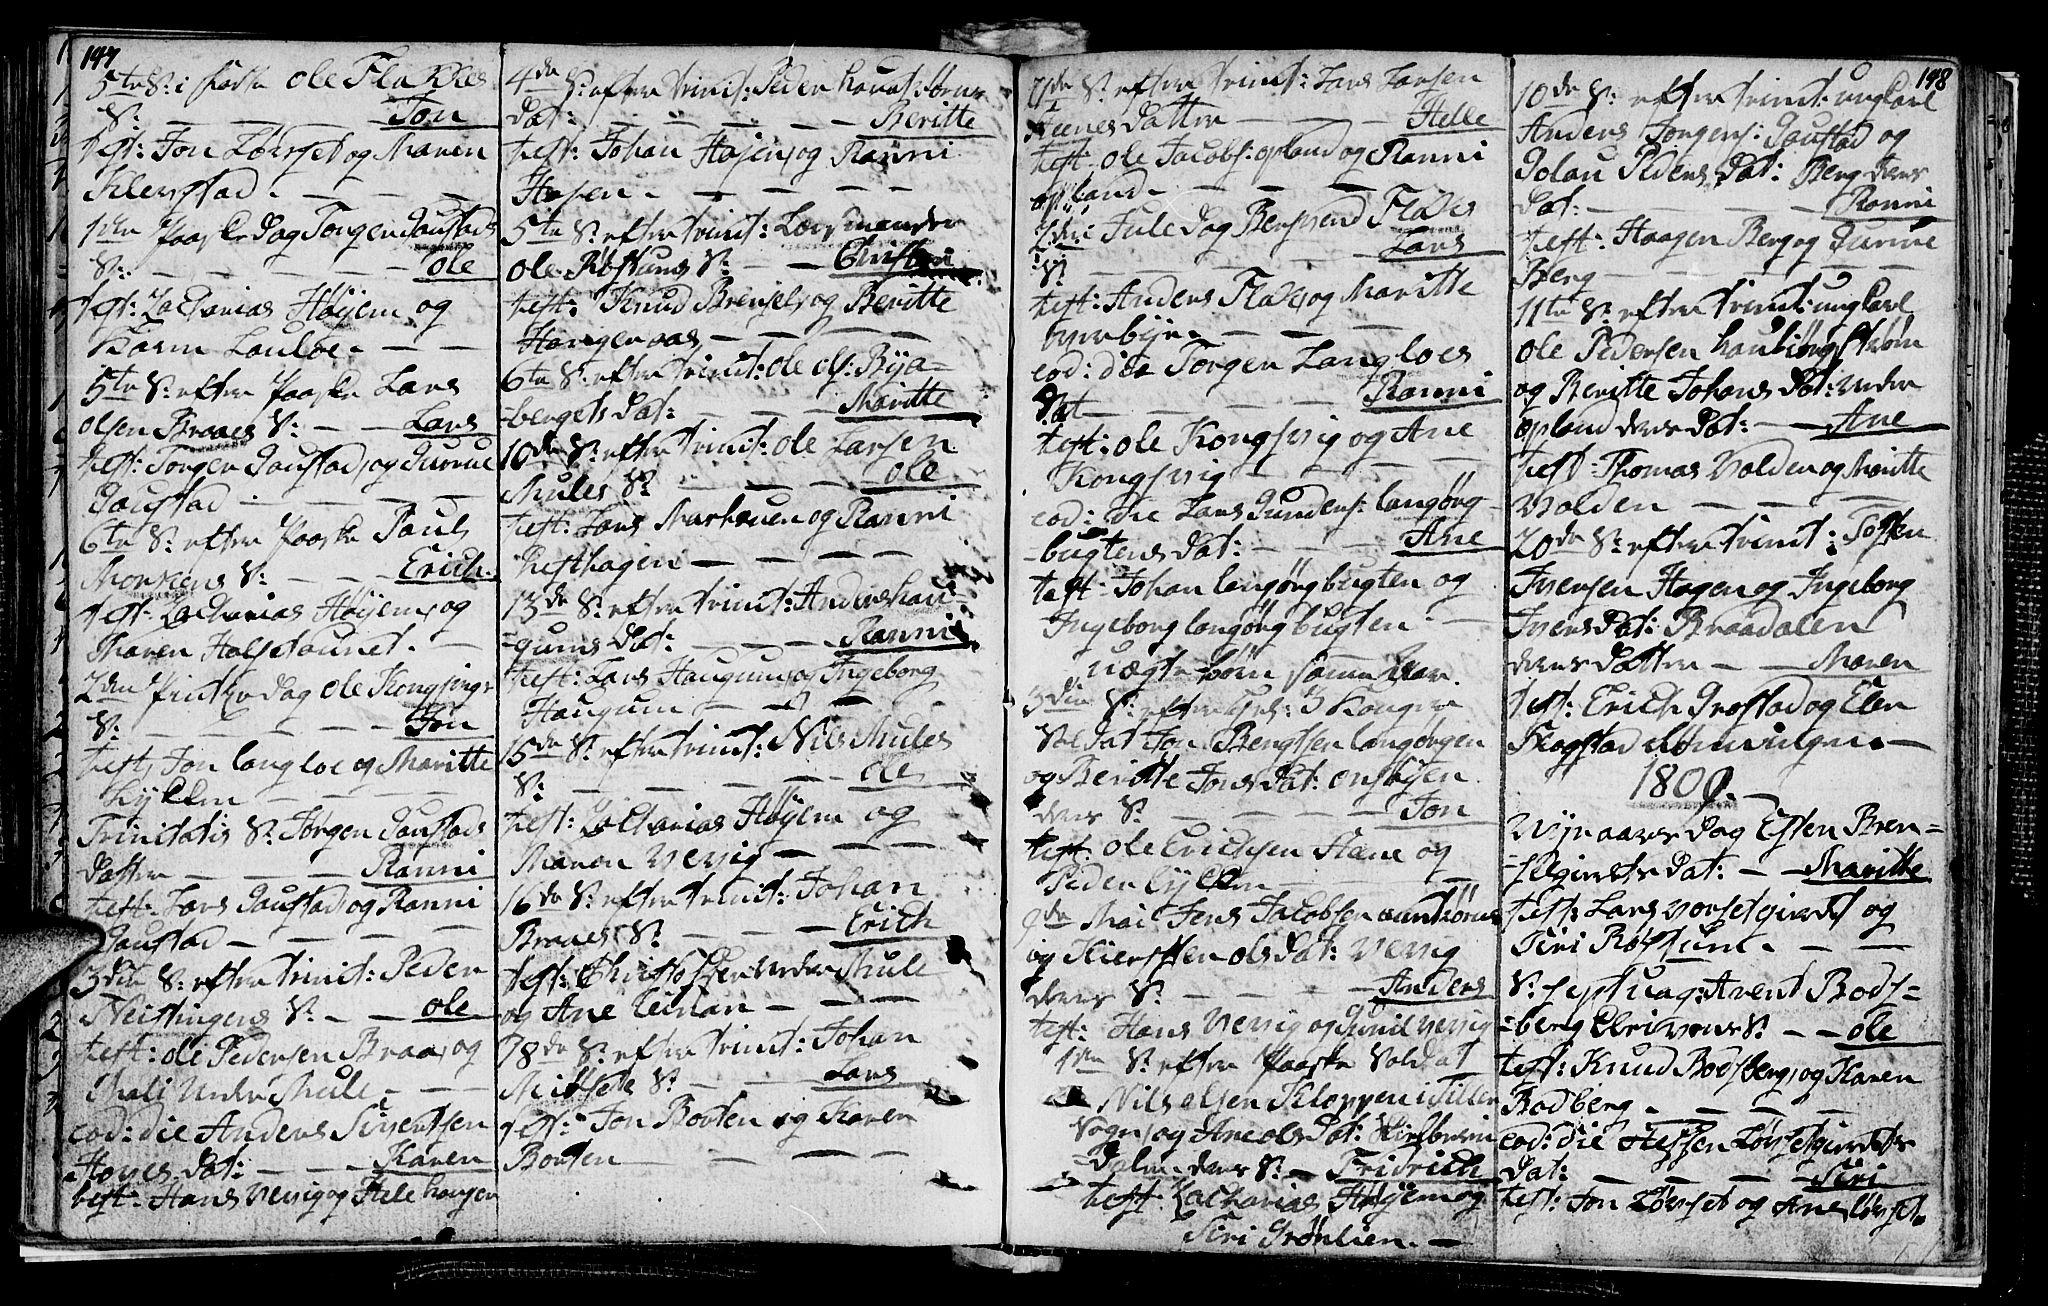 SAT, Ministerialprotokoller, klokkerbøker og fødselsregistre - Sør-Trøndelag, 612/L0371: Ministerialbok nr. 612A05, 1803-1816, s. 147-148